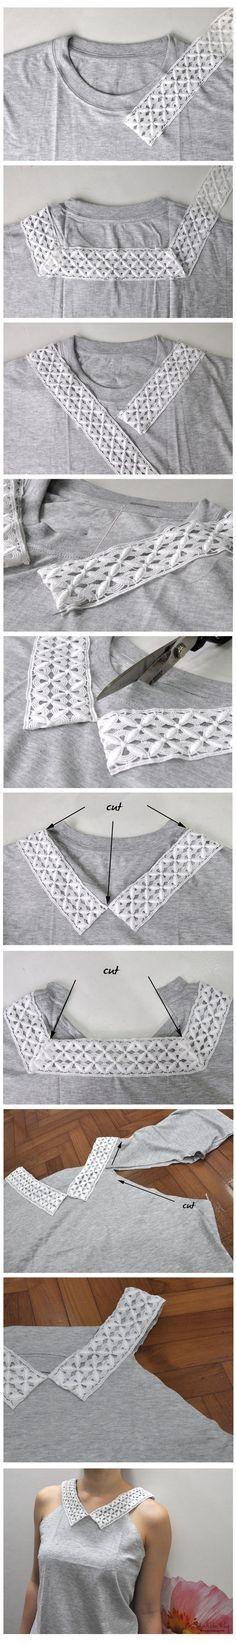 Academia Craft | Artesanato e artes para relaxar | DIY: Customização de camisetas